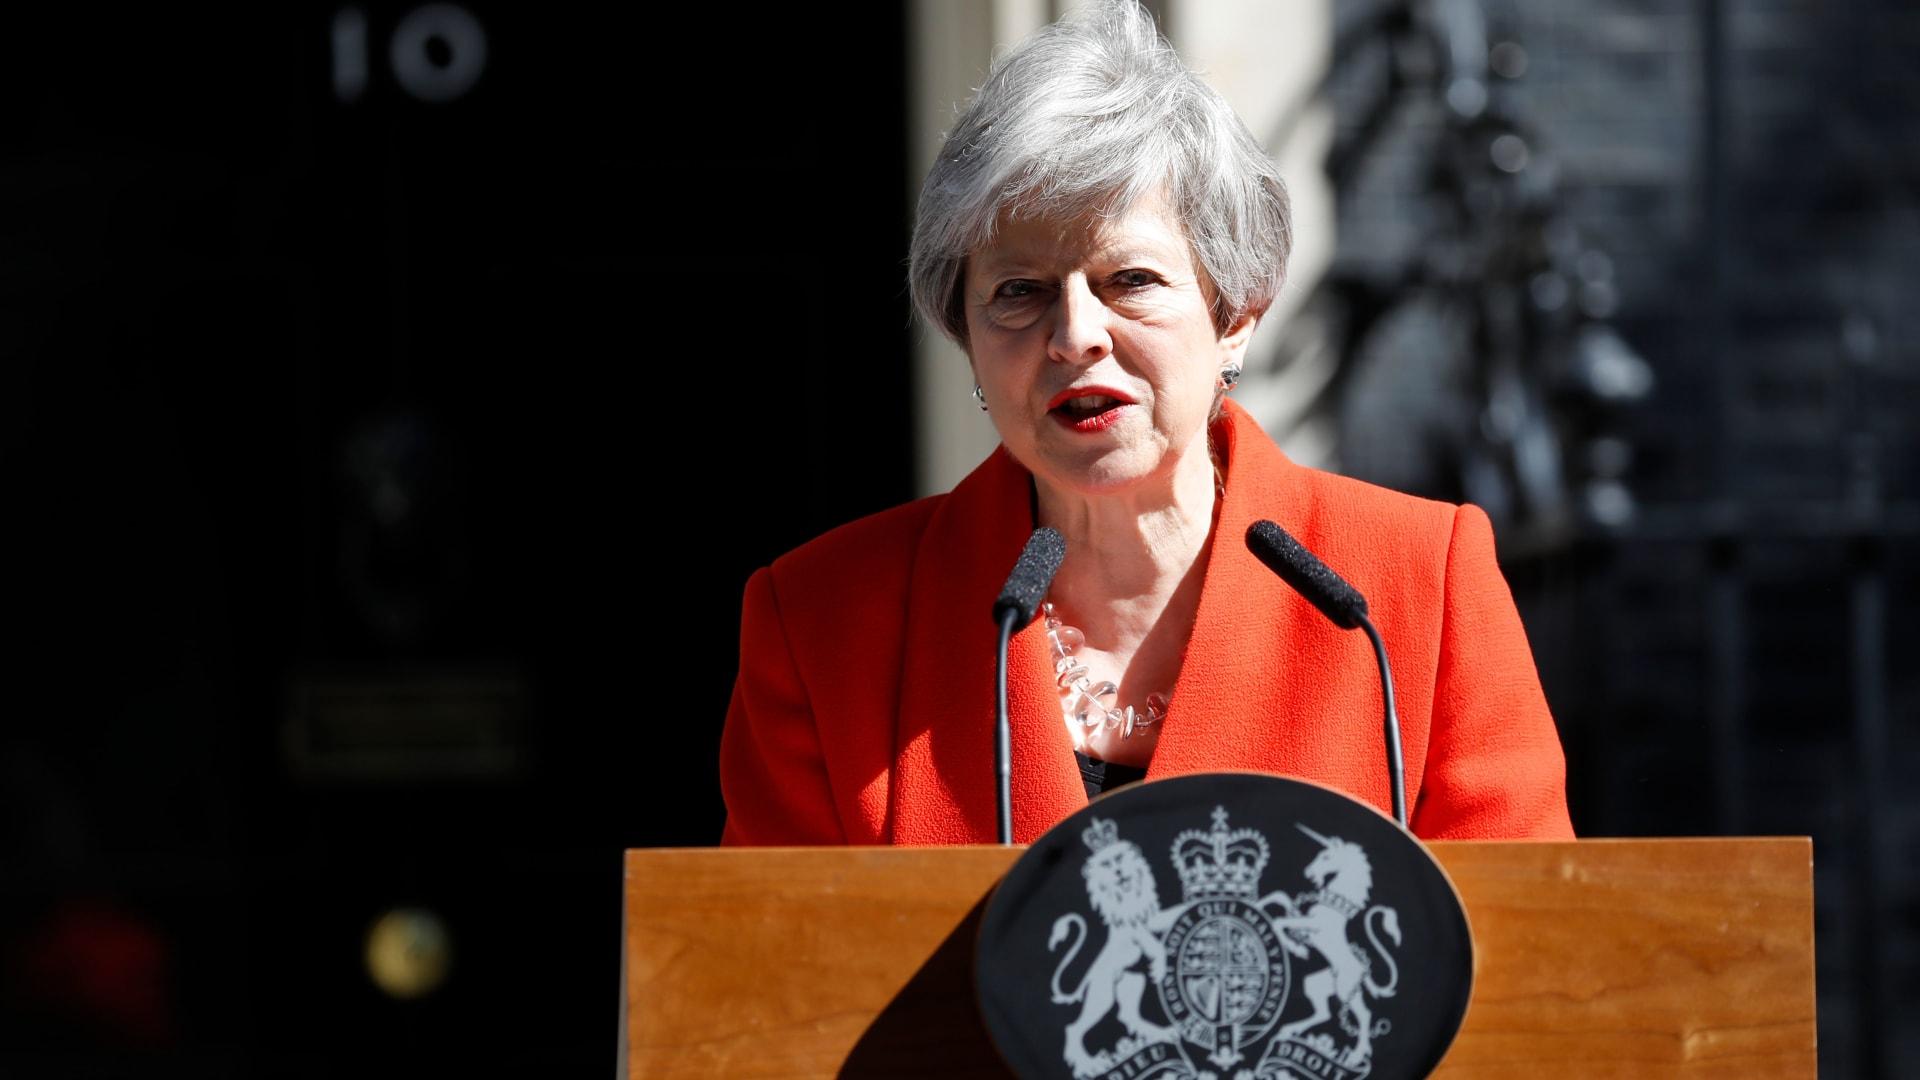 رئيسة وزراء بريطانيا تيريزا ماي تعلن استقالتها من منصبها ابتداء من 7 يونيو